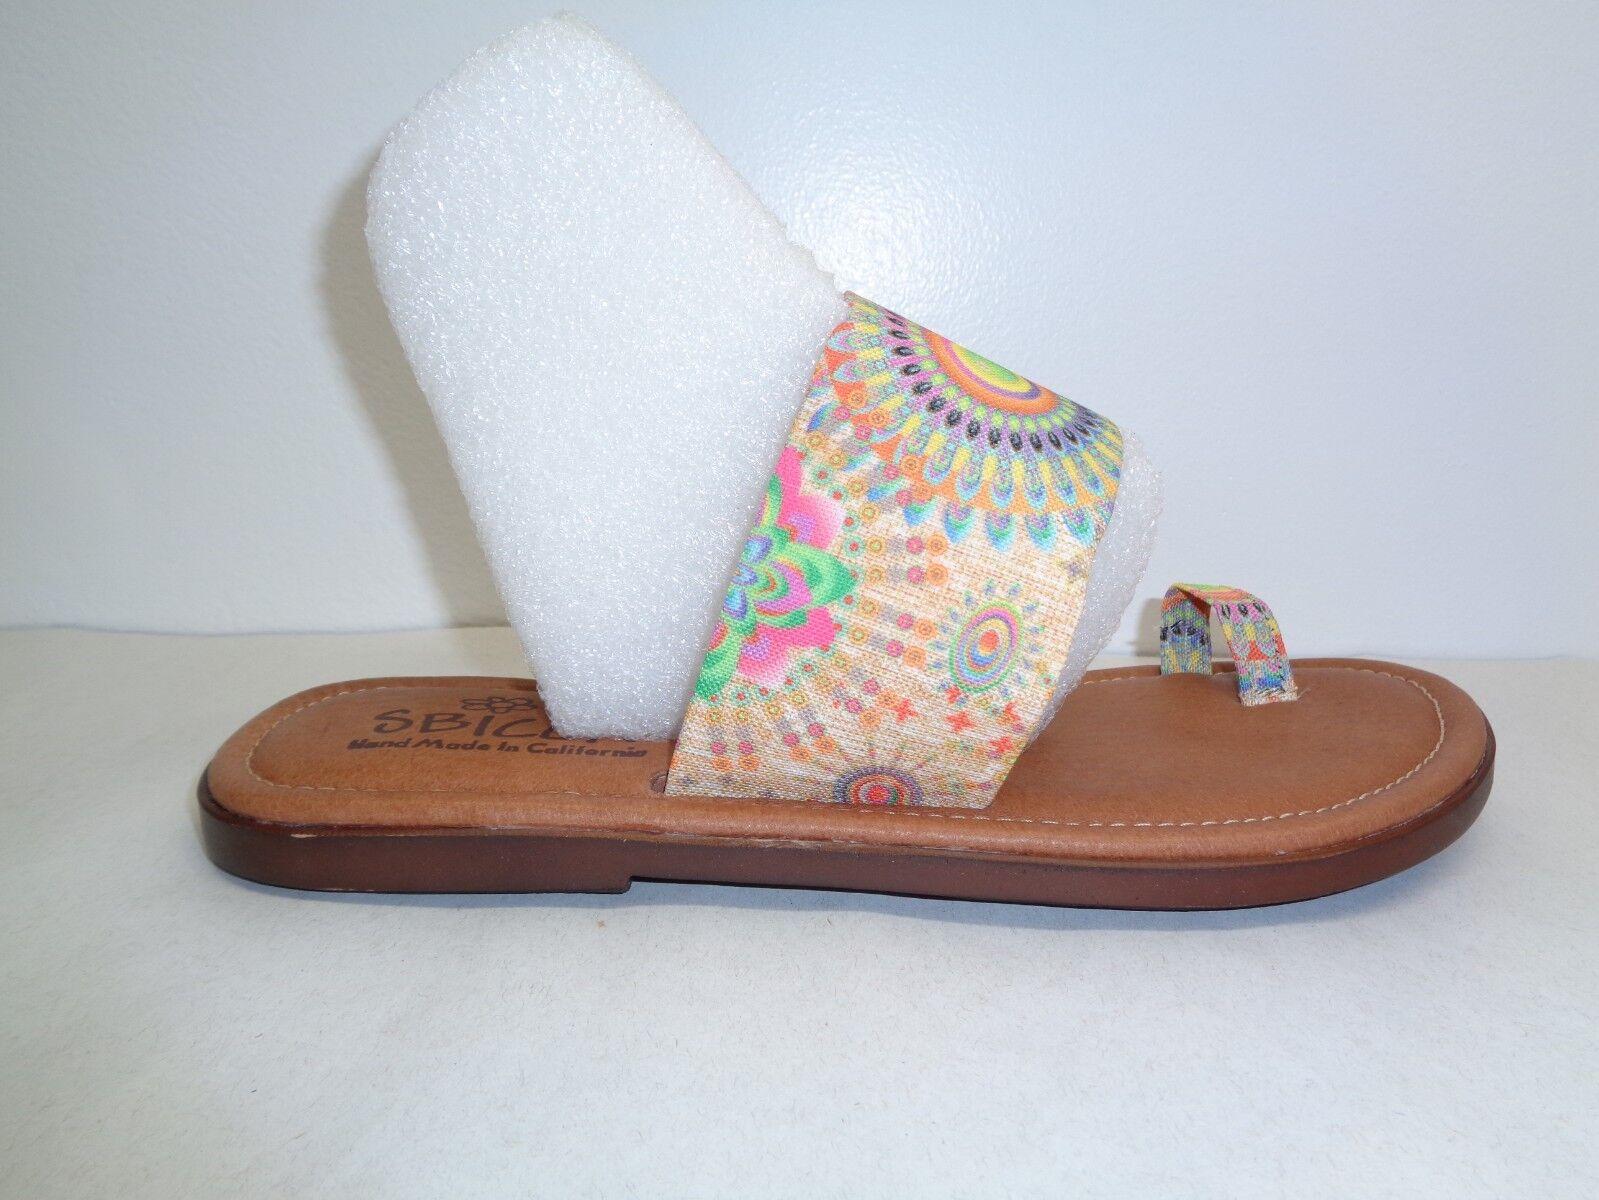 Sbicca tamaño 9 M Sunnyvale Tela resbalón en el el el Anillo Del Dedo Del Pie Sandalias nuevo Zapatos para mujer  exclusivo